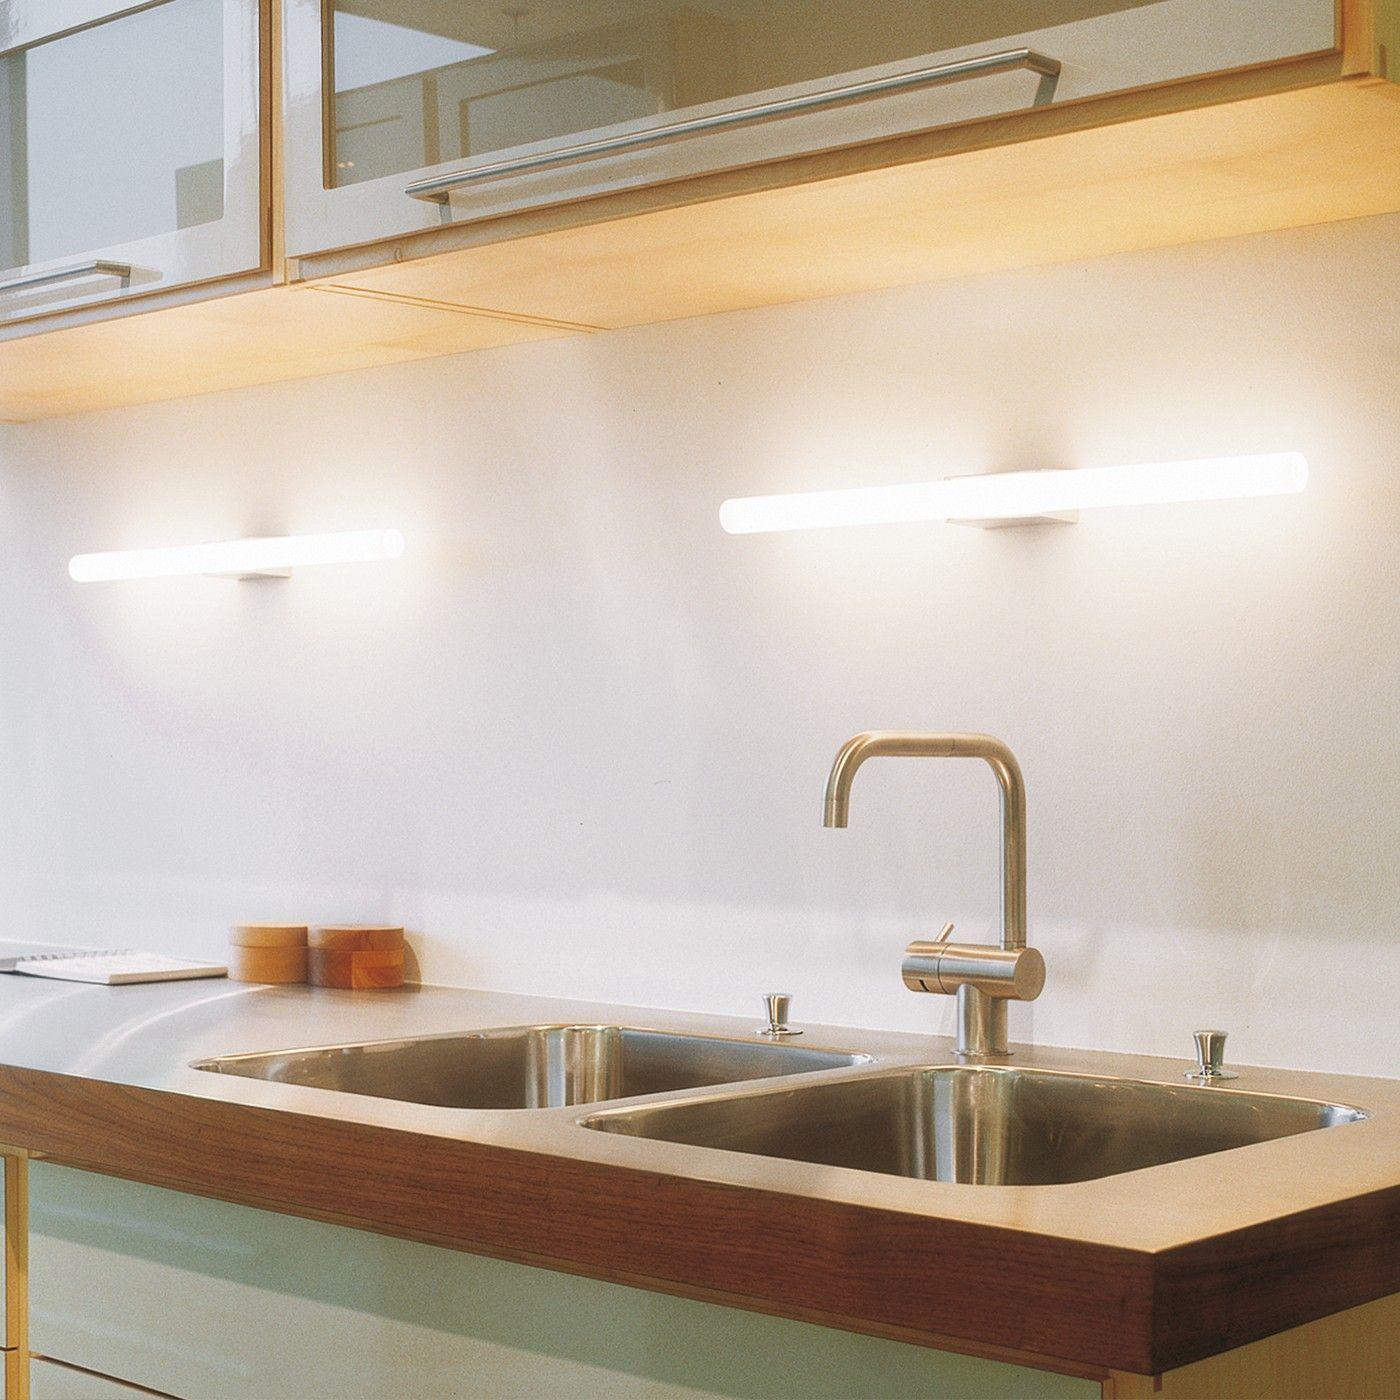 beleuchtung arbeitsplatte küche | wandleuchte, led lampe